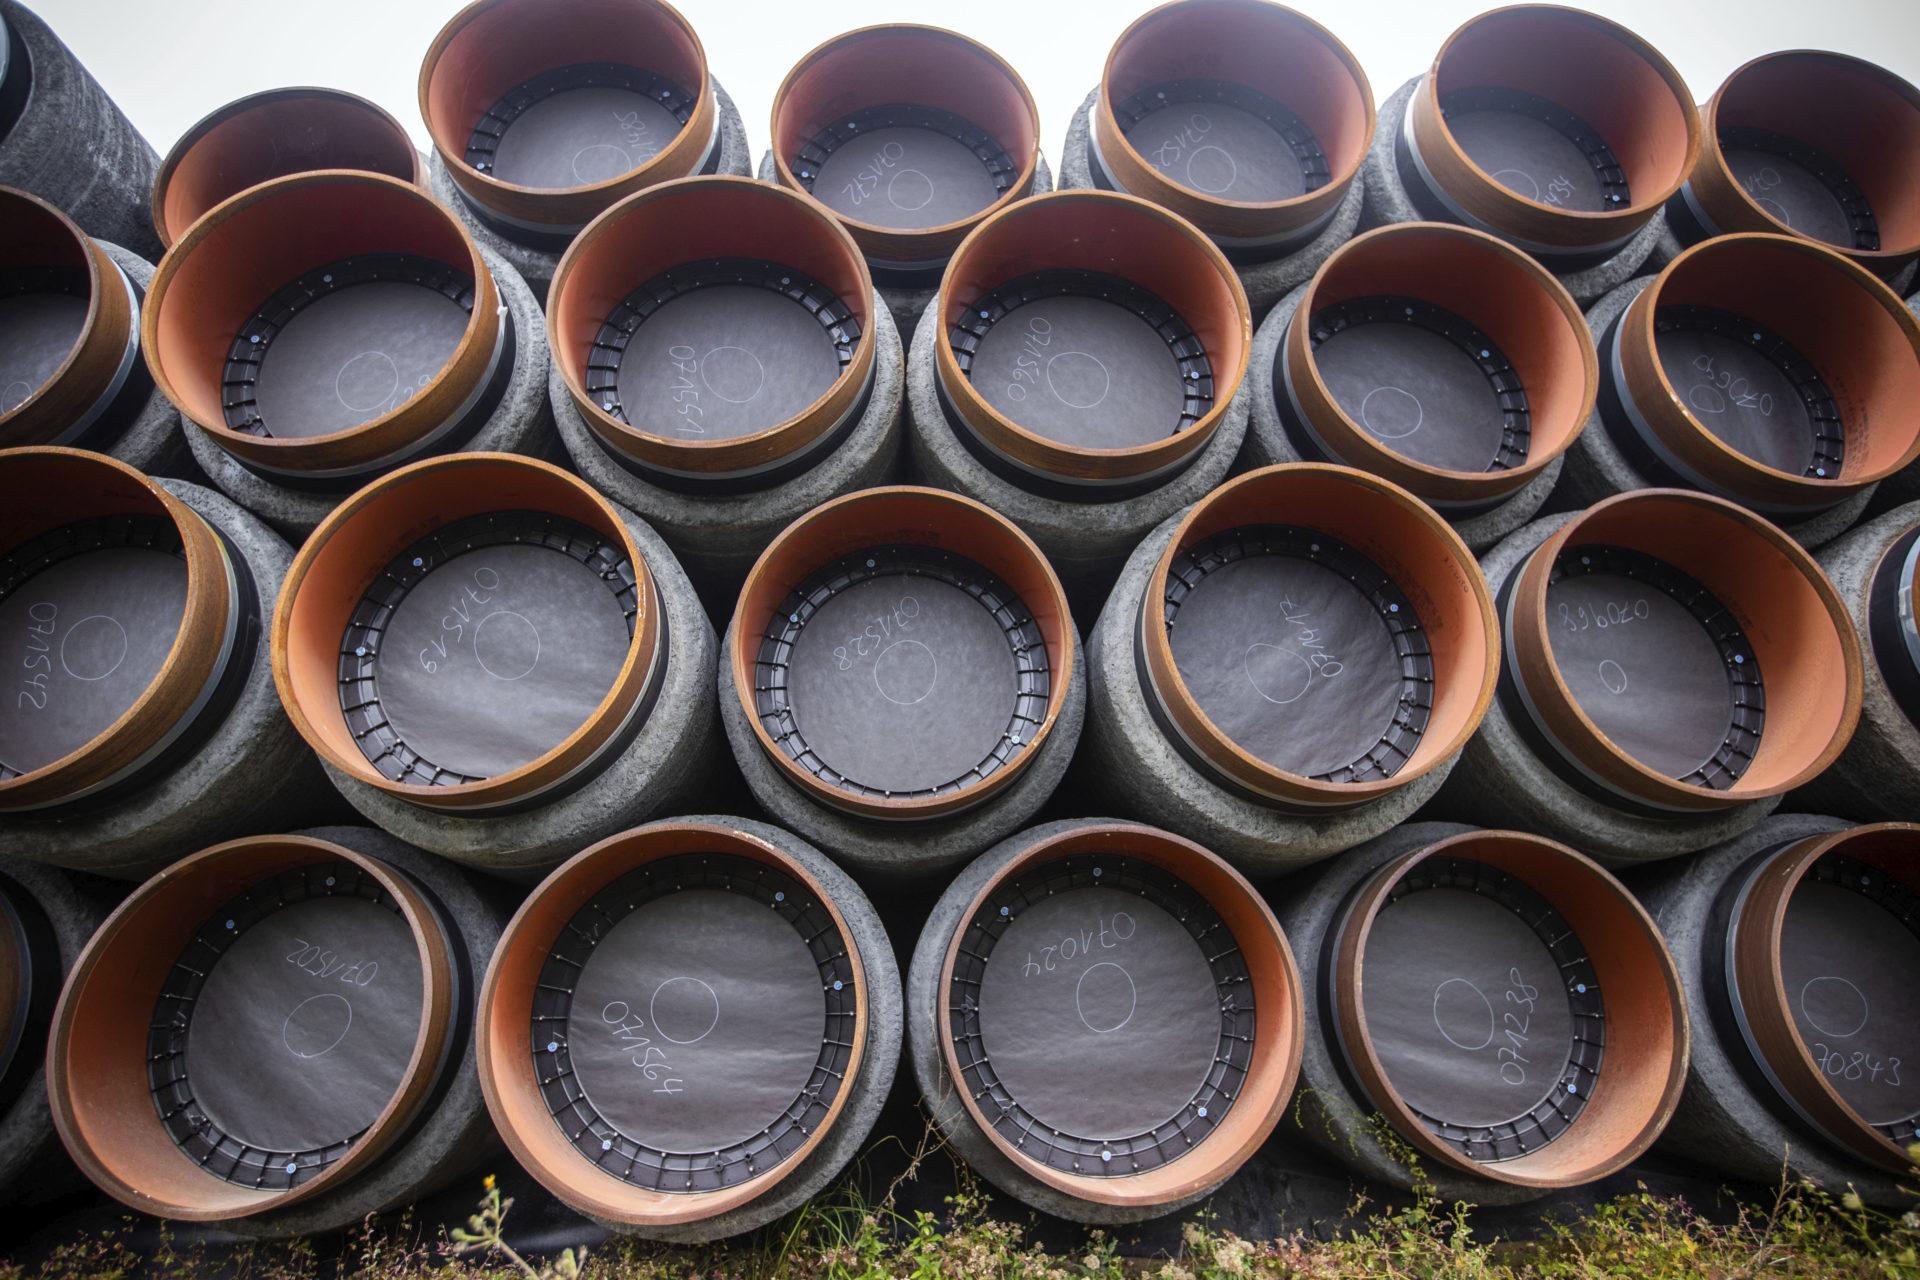 Högar med rör i väntan på att monteras in i naturgasprojektet North Stream 2. När verksamheten är på plats ska den leverera naturgas under Östersjön till Tyskland, via Ukraina.